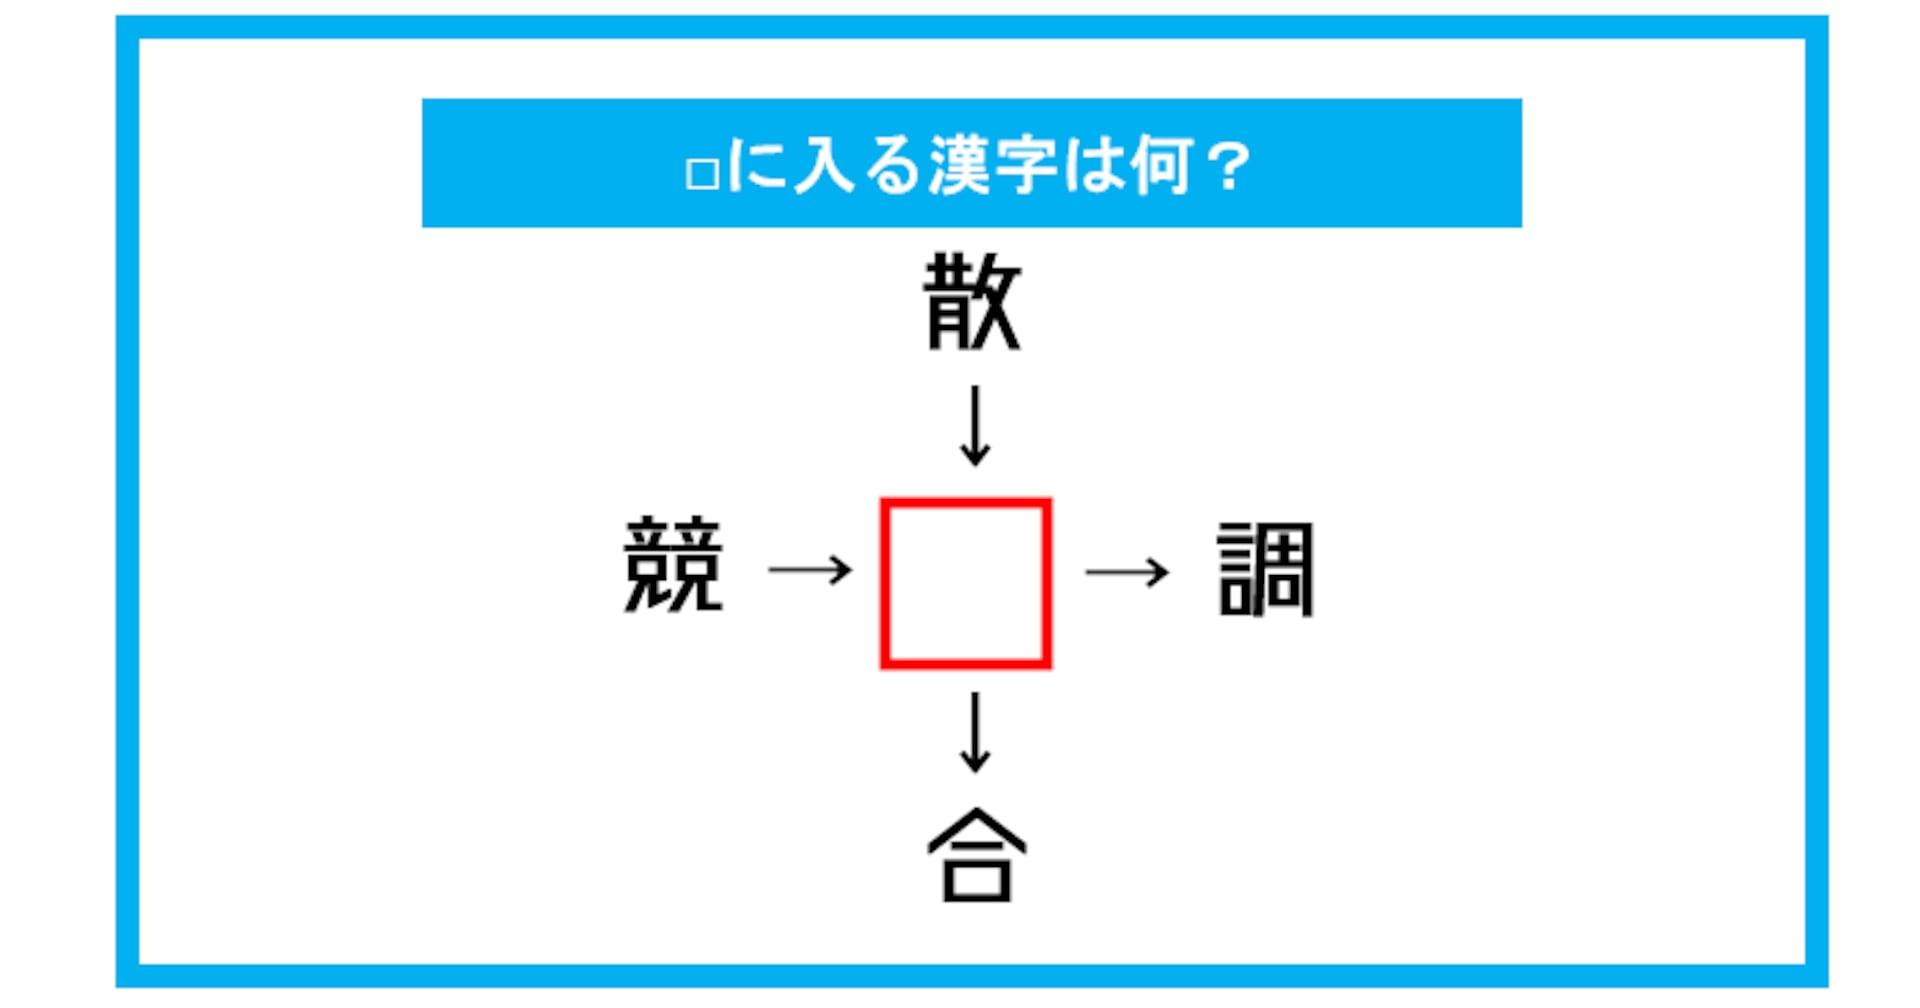 【漢字穴埋めクイズ】□に入る漢字は何?(第313問)